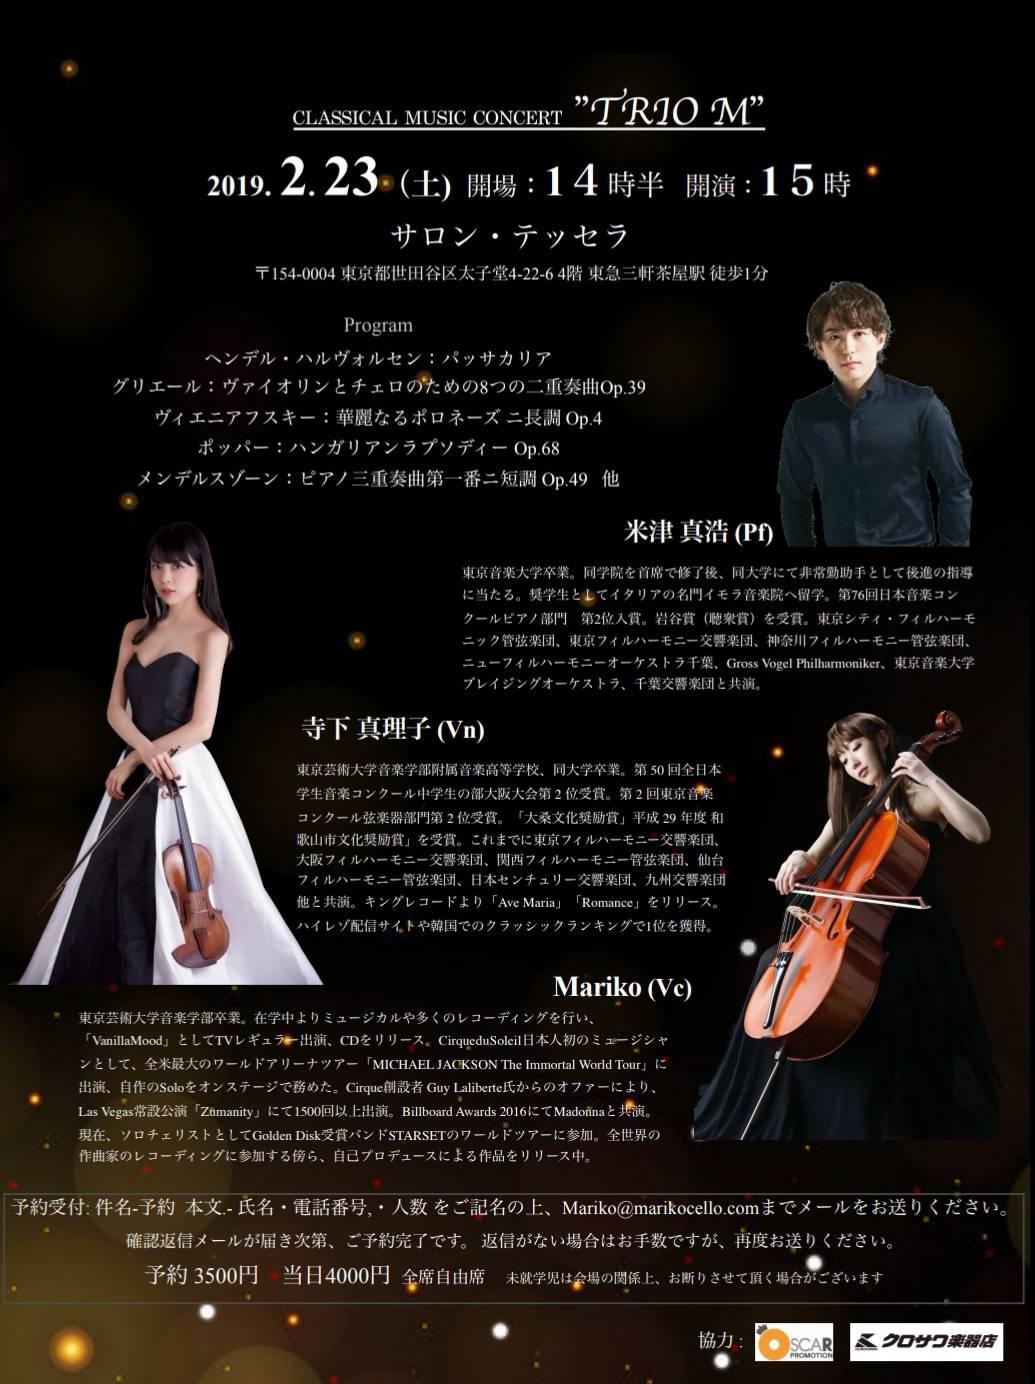 2019年2月23日(土)寺下真理子×Mariko×米津真浩 TRIO M Classical Music Concert